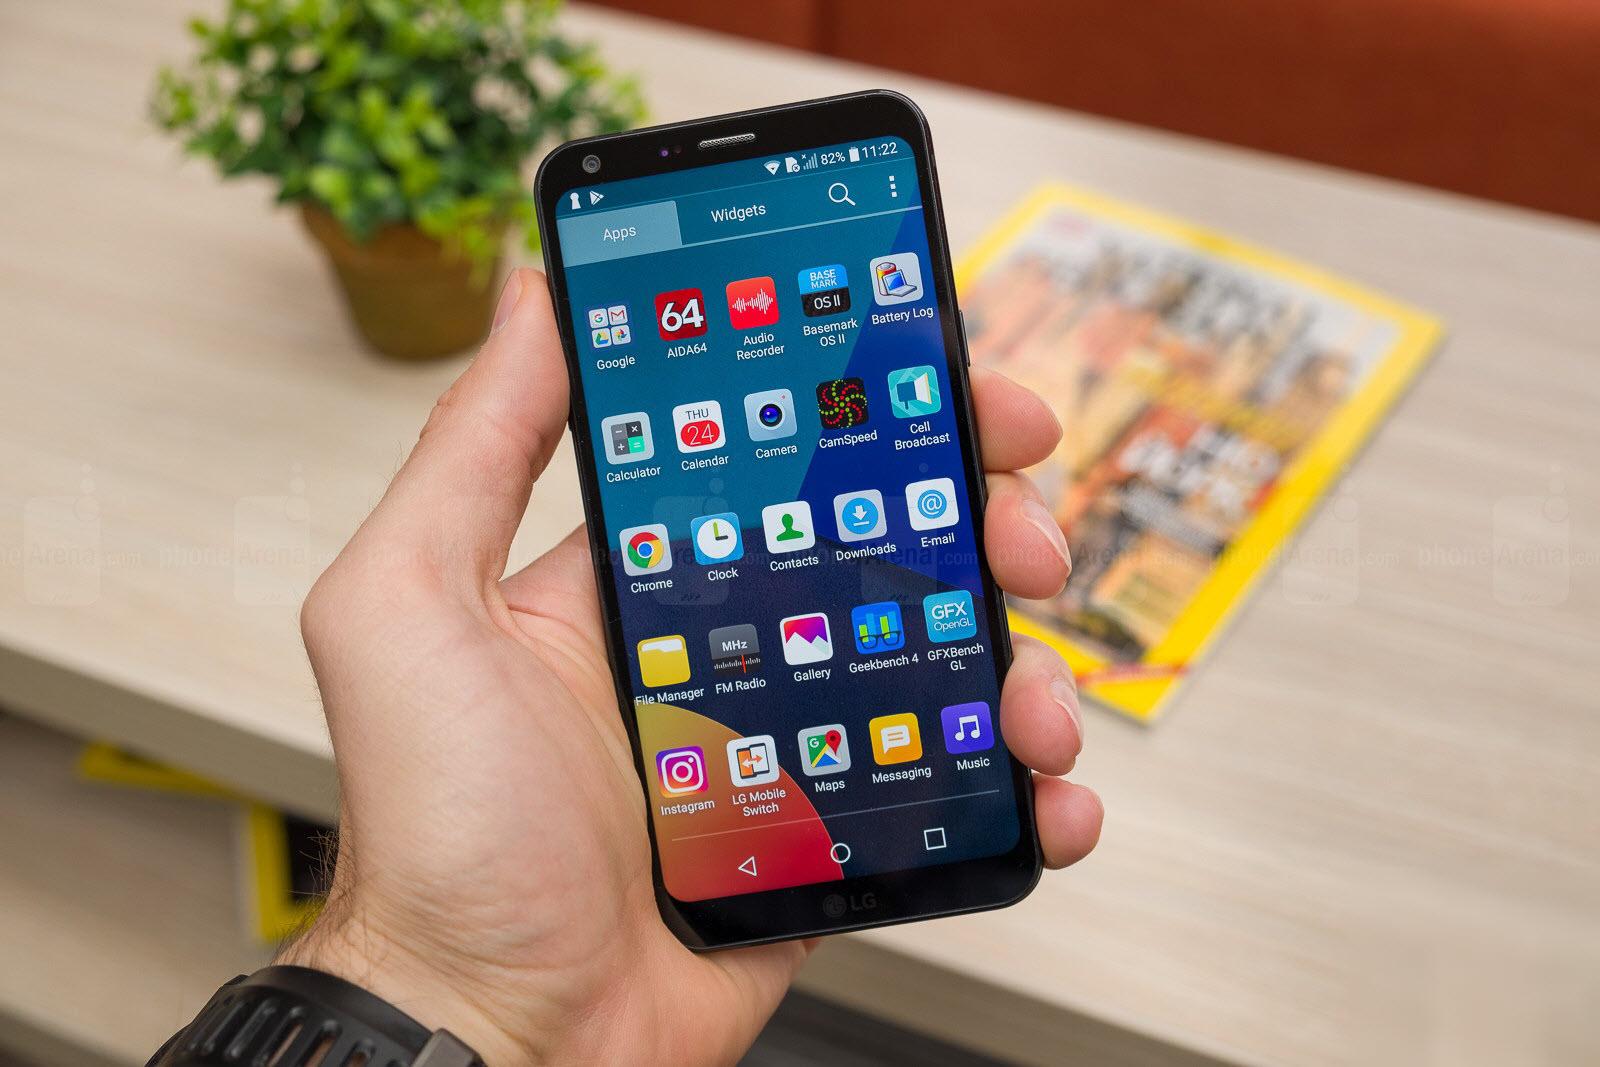 راهنمای خرید بهترین گوشی های 2017 از 500 تا یک میلیون تومان